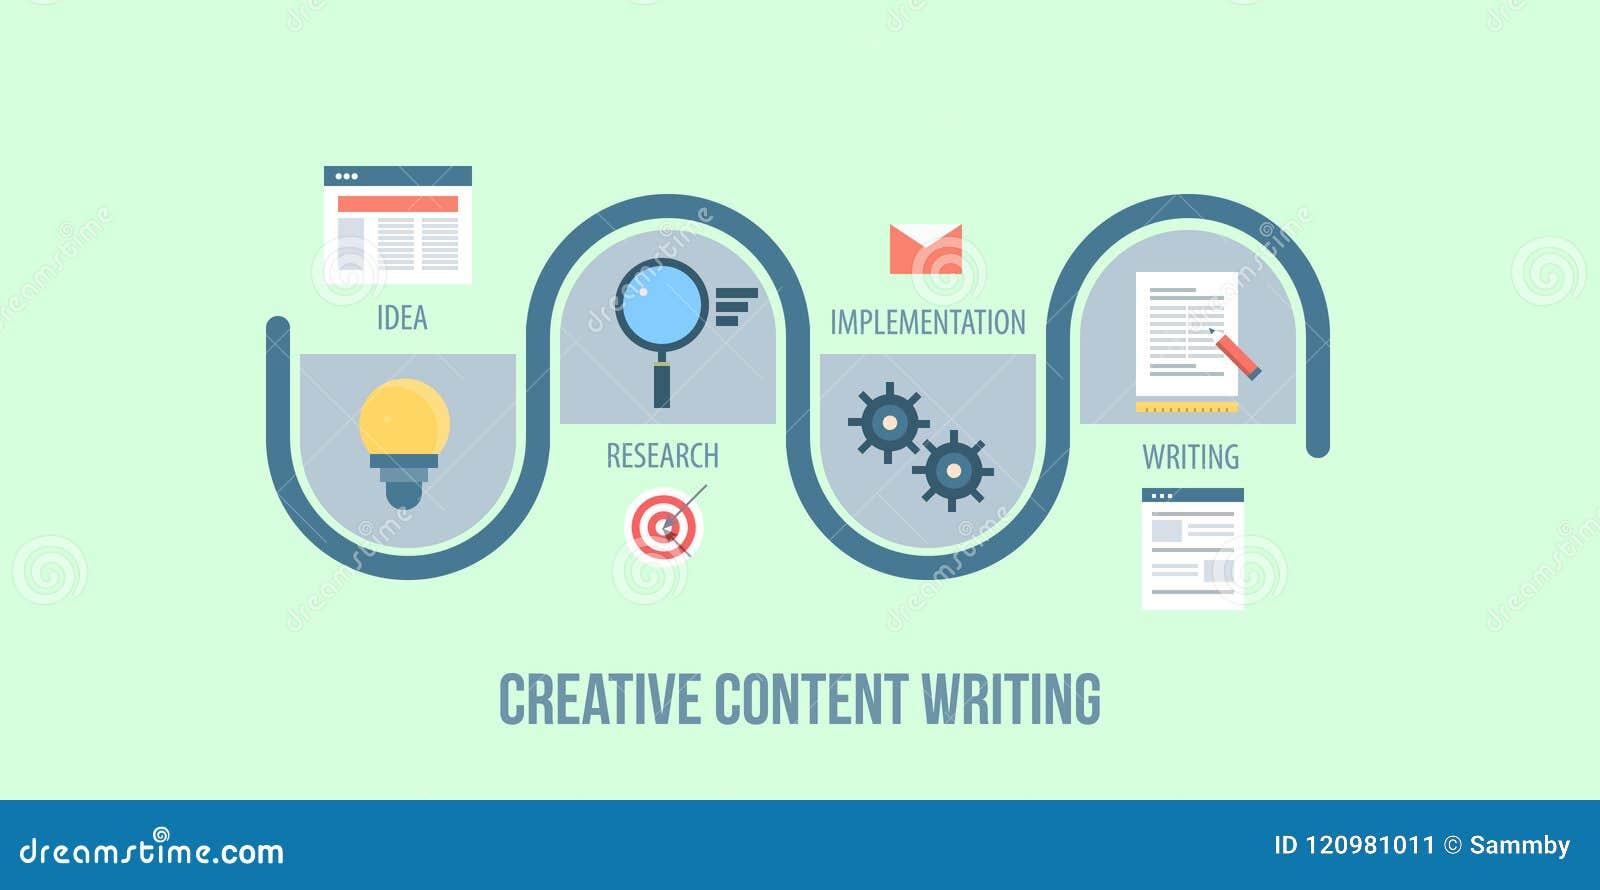 Un mapa del viaje de escribir un contenido creativo, proceso de desarrollo contento, estrategia, concepto de planificación Bander